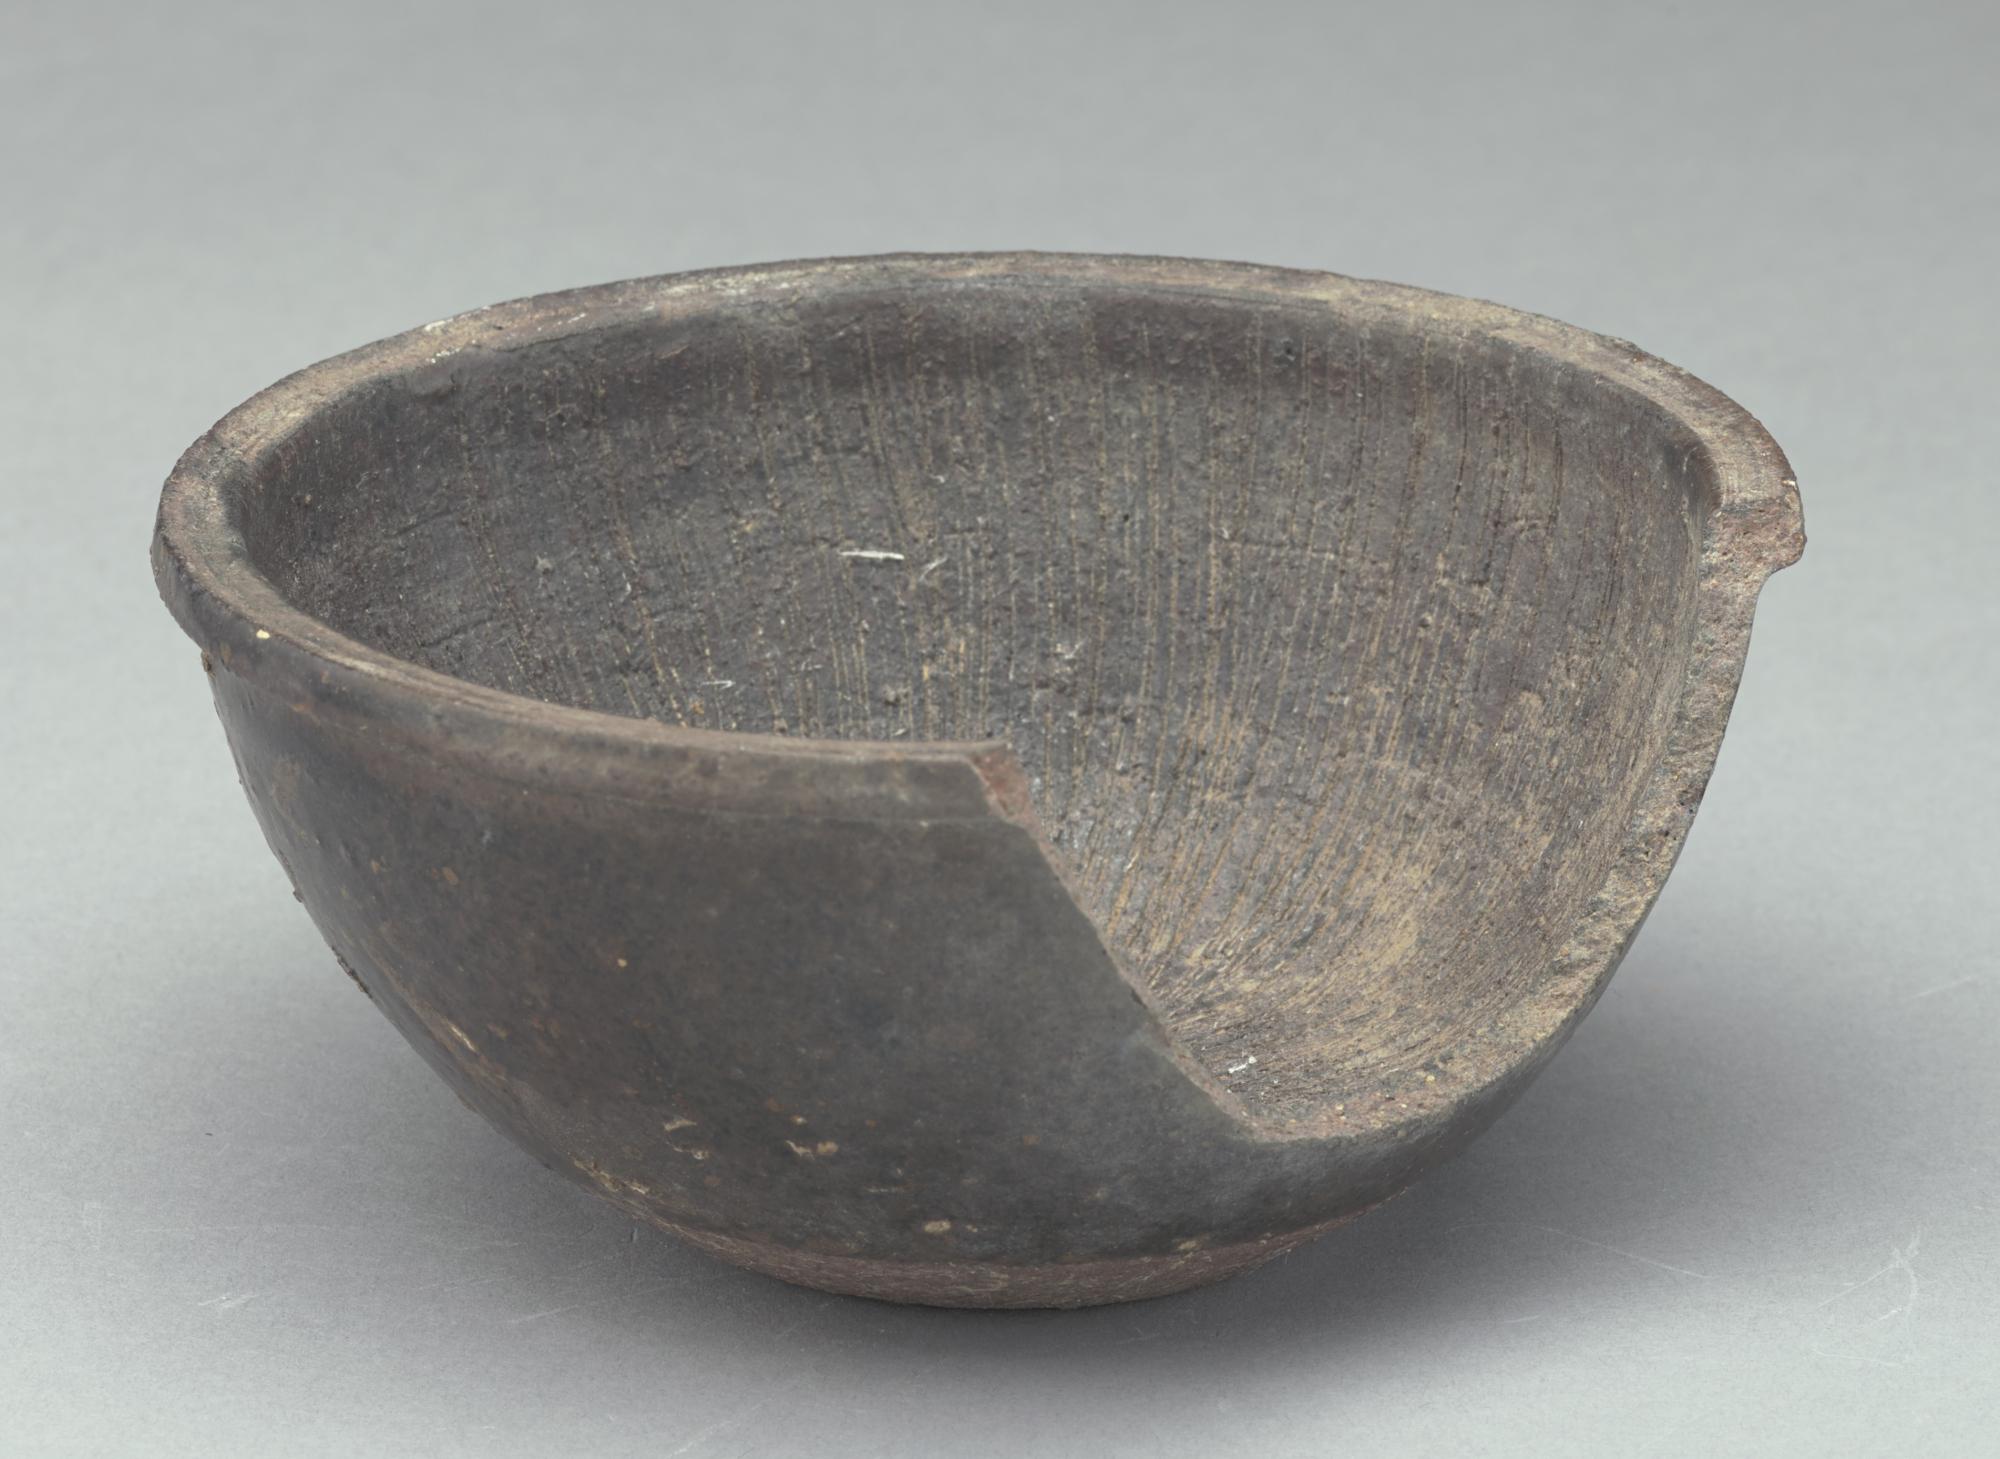 Small grating bowl, broken